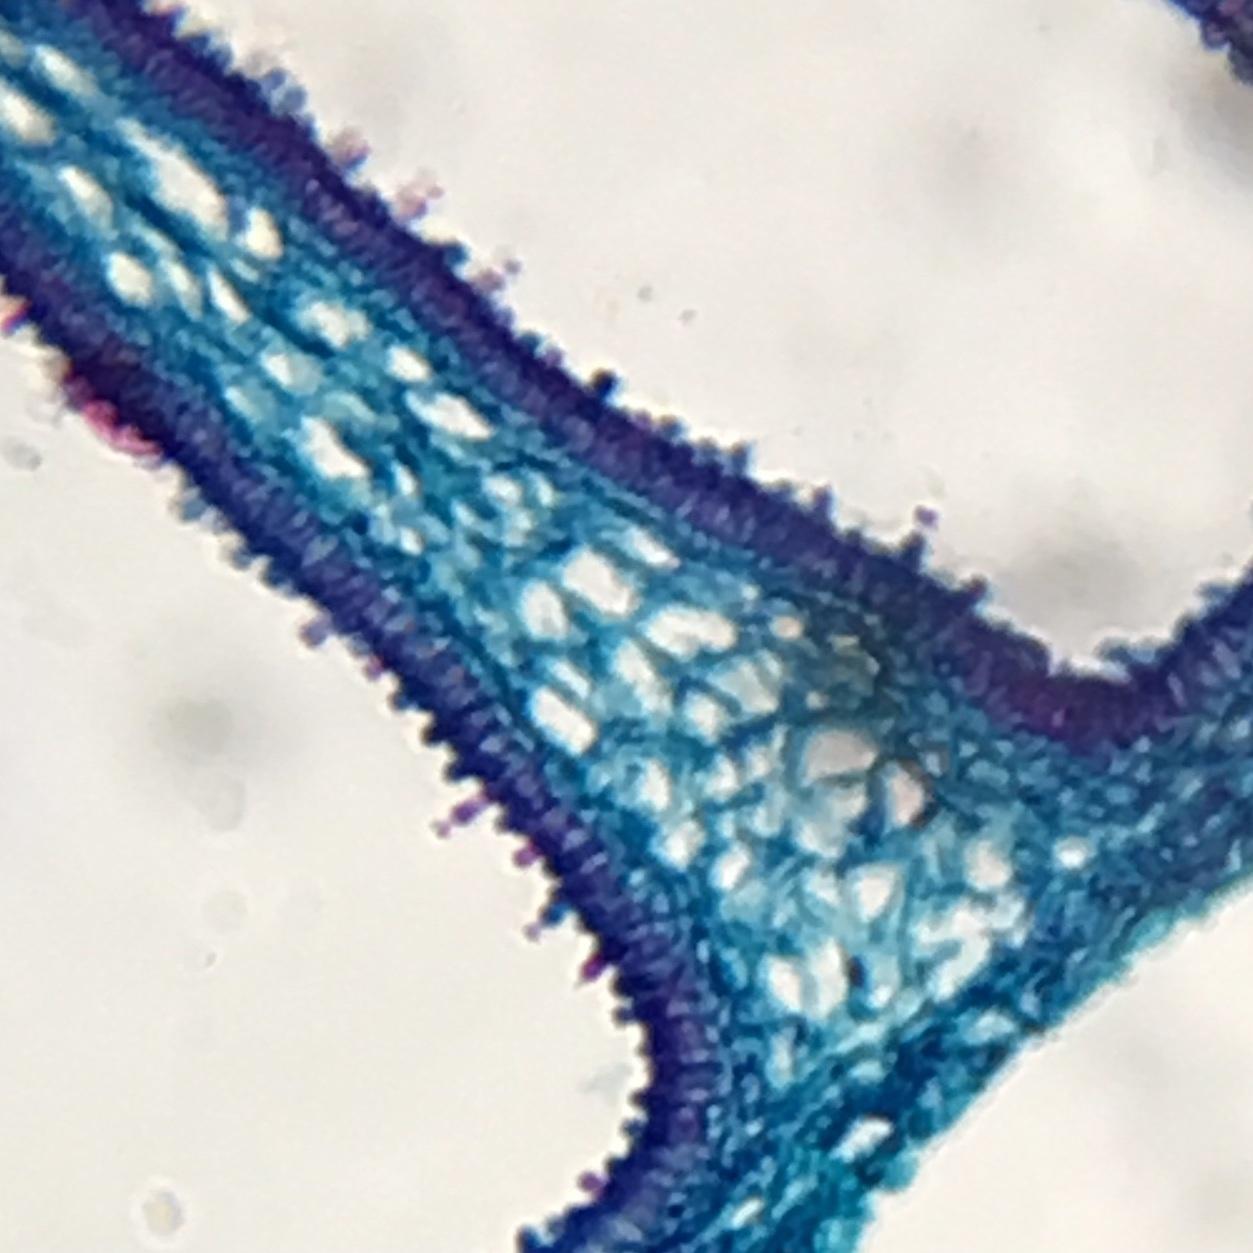 Coprius fungi - releasing spores ~ 140X magnification.